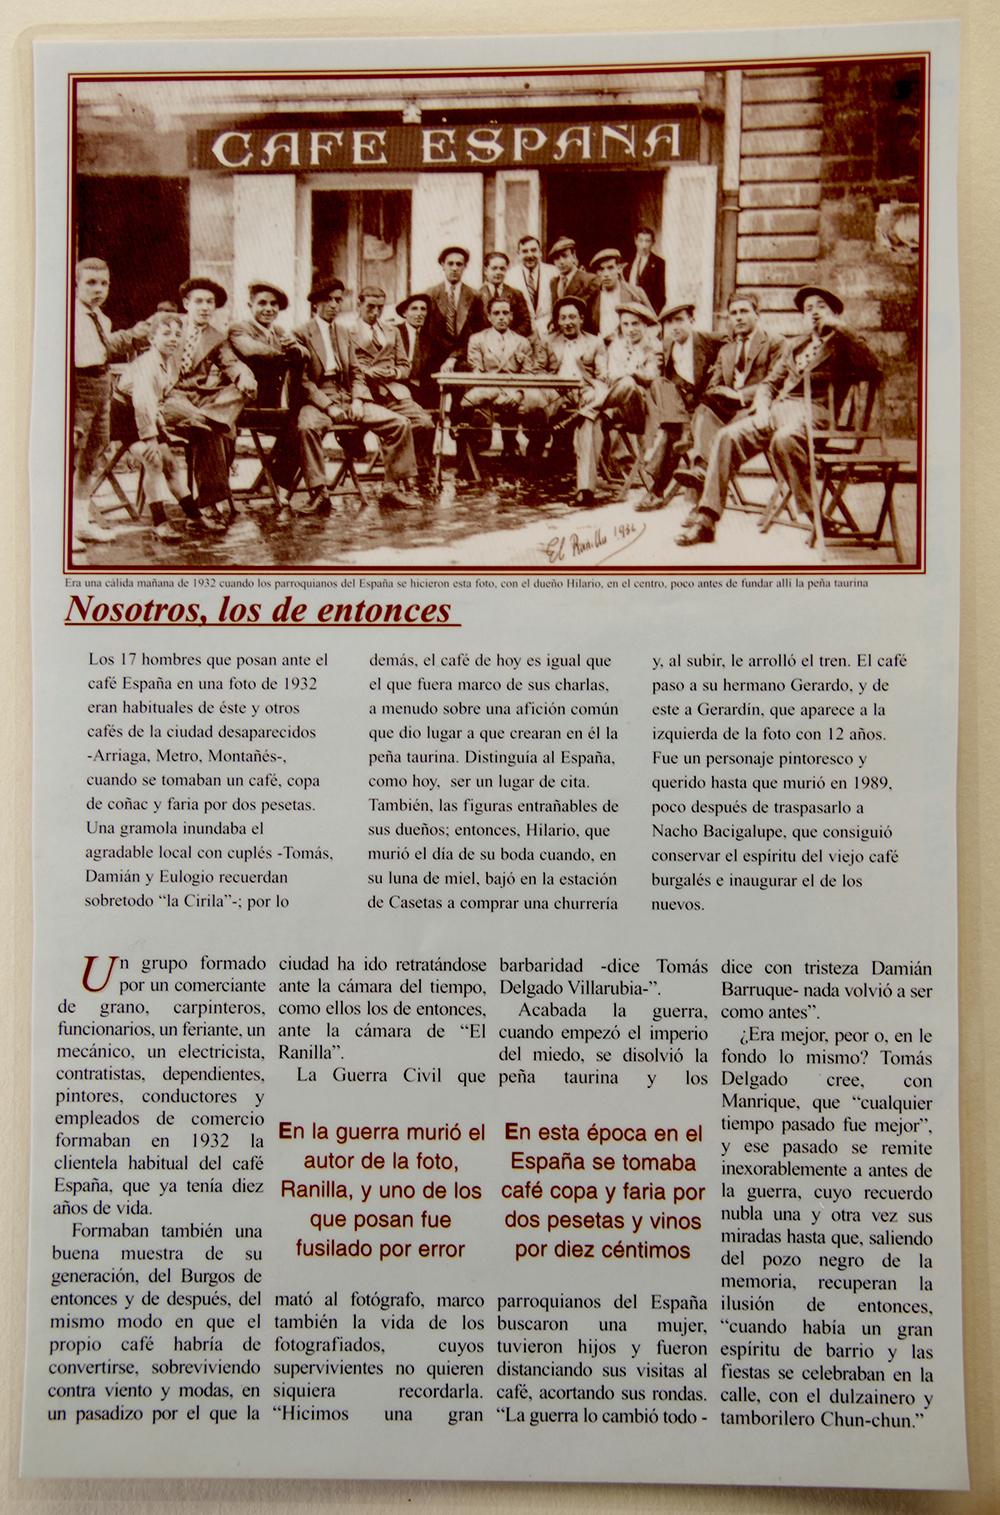 Magazine, 1999. Nosotros, los de entonces.